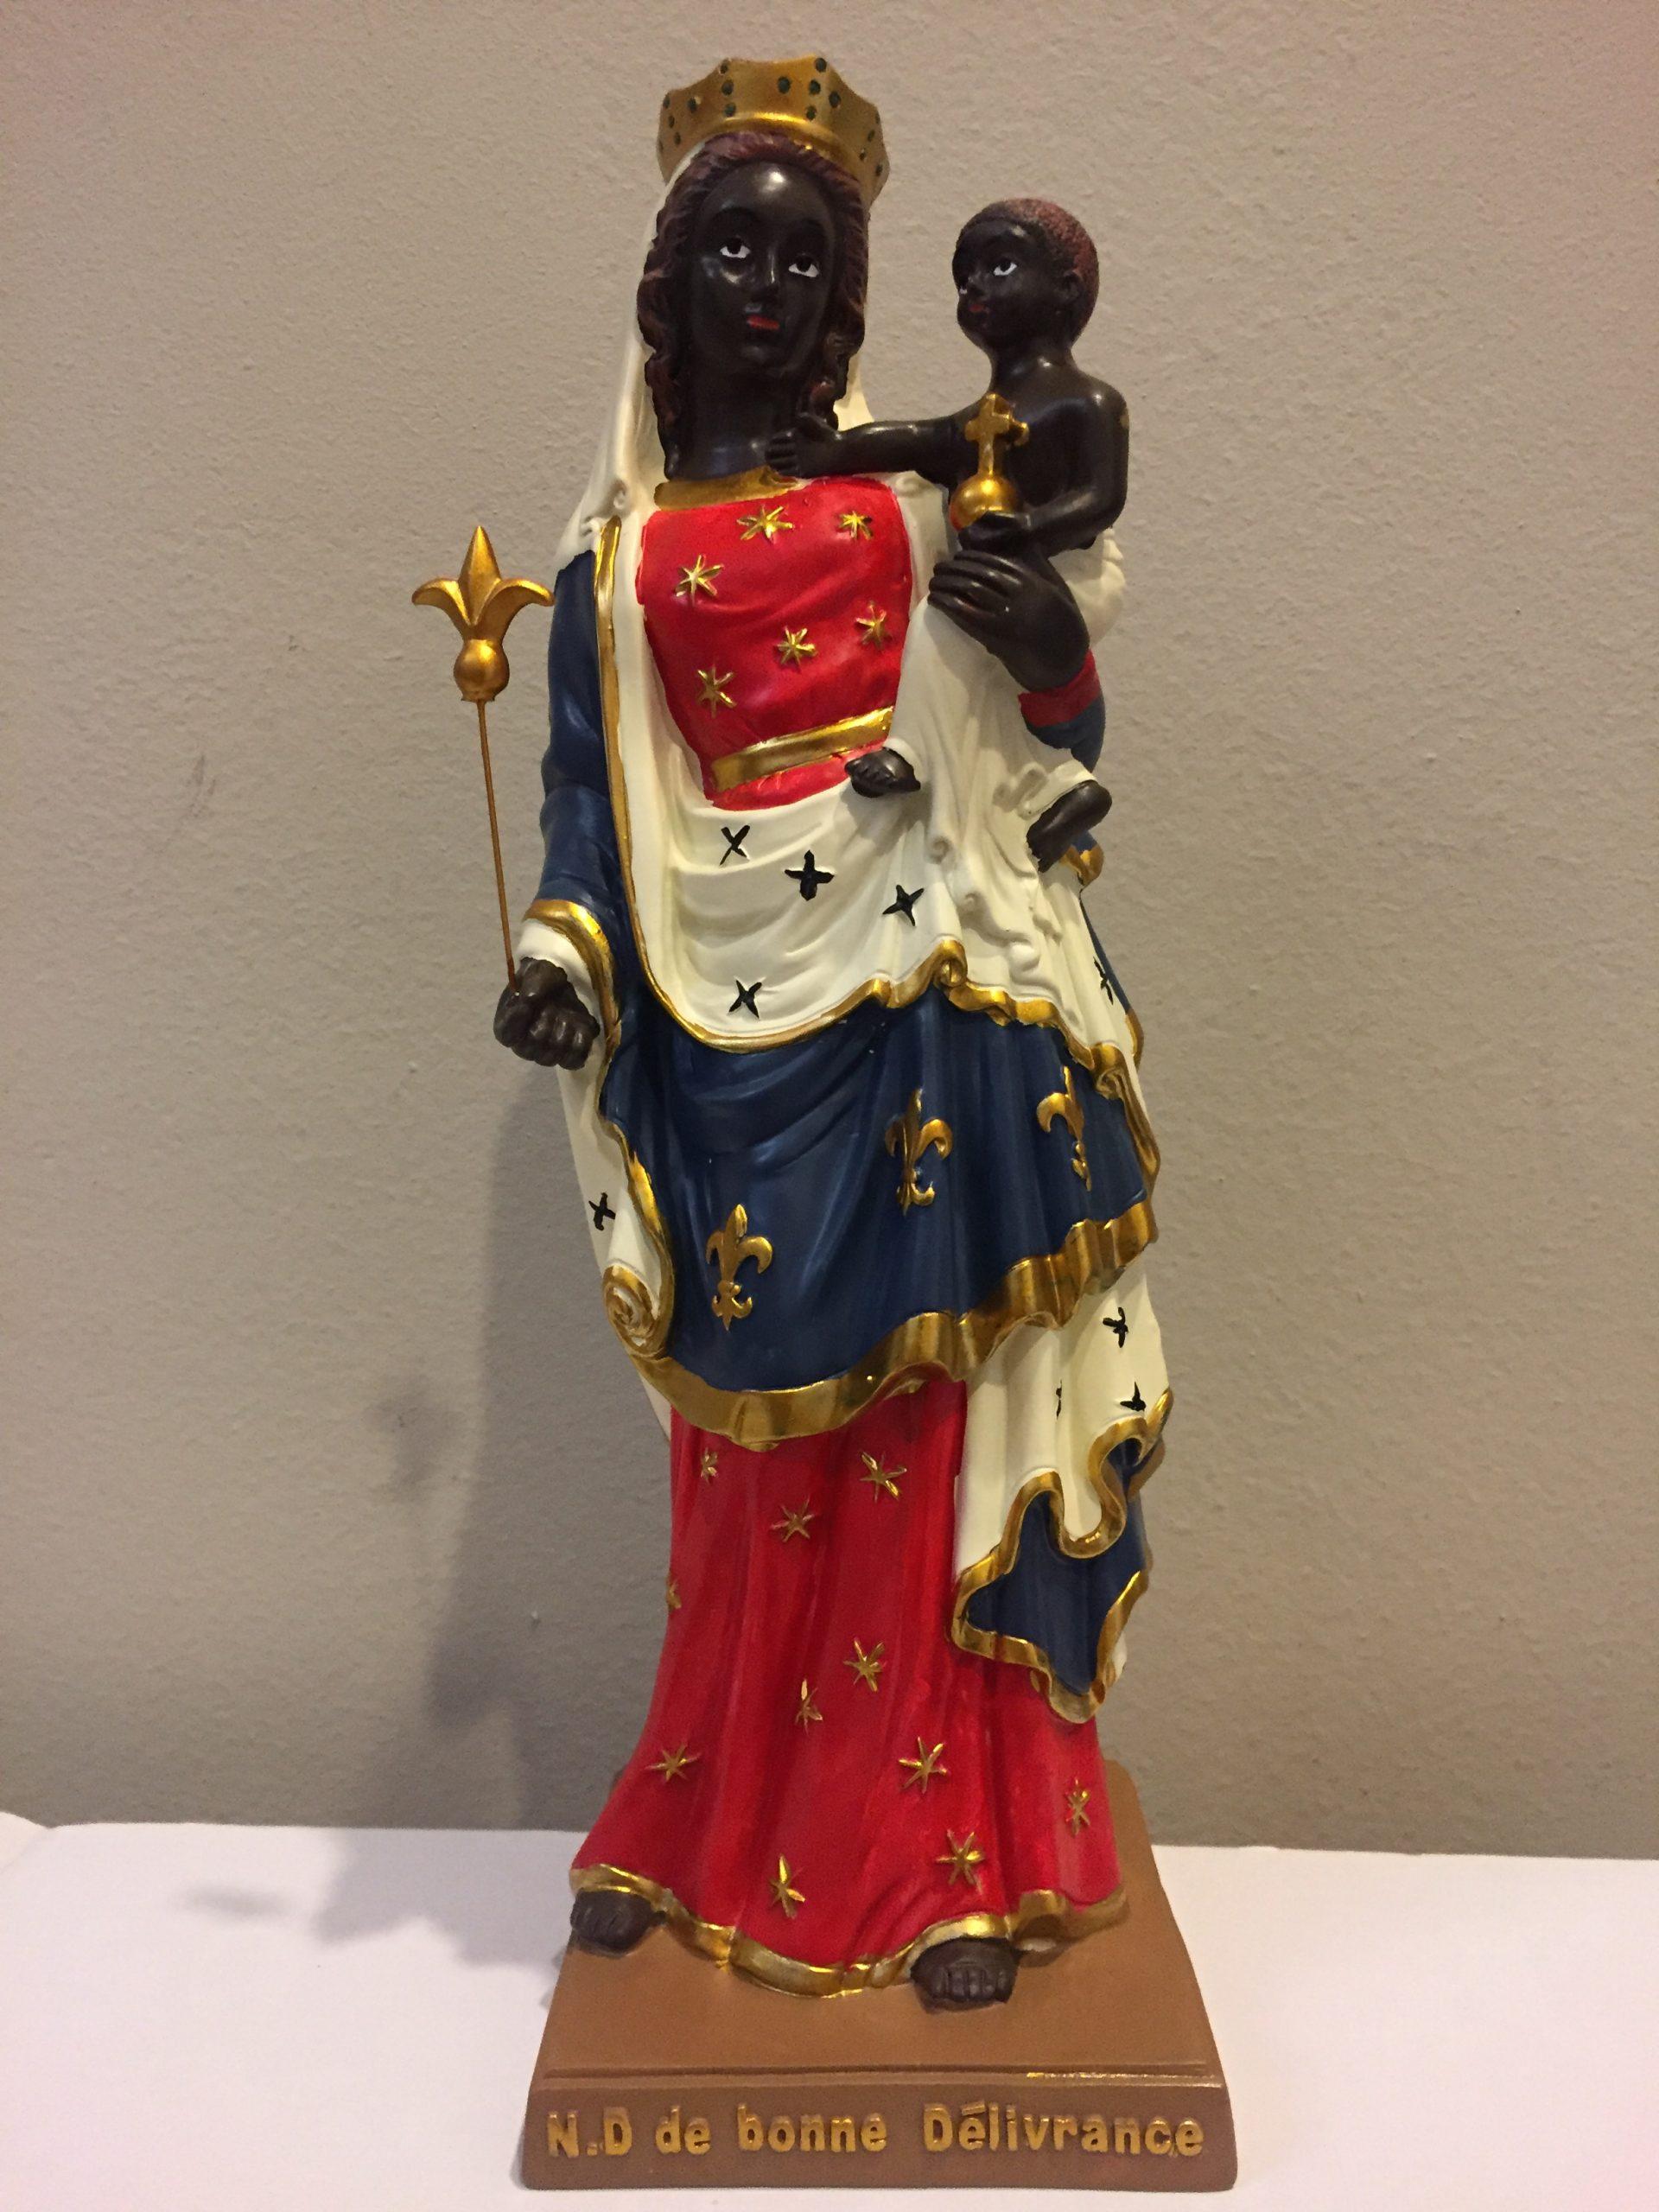 Grande statue en résine 30 cm à 32 euros